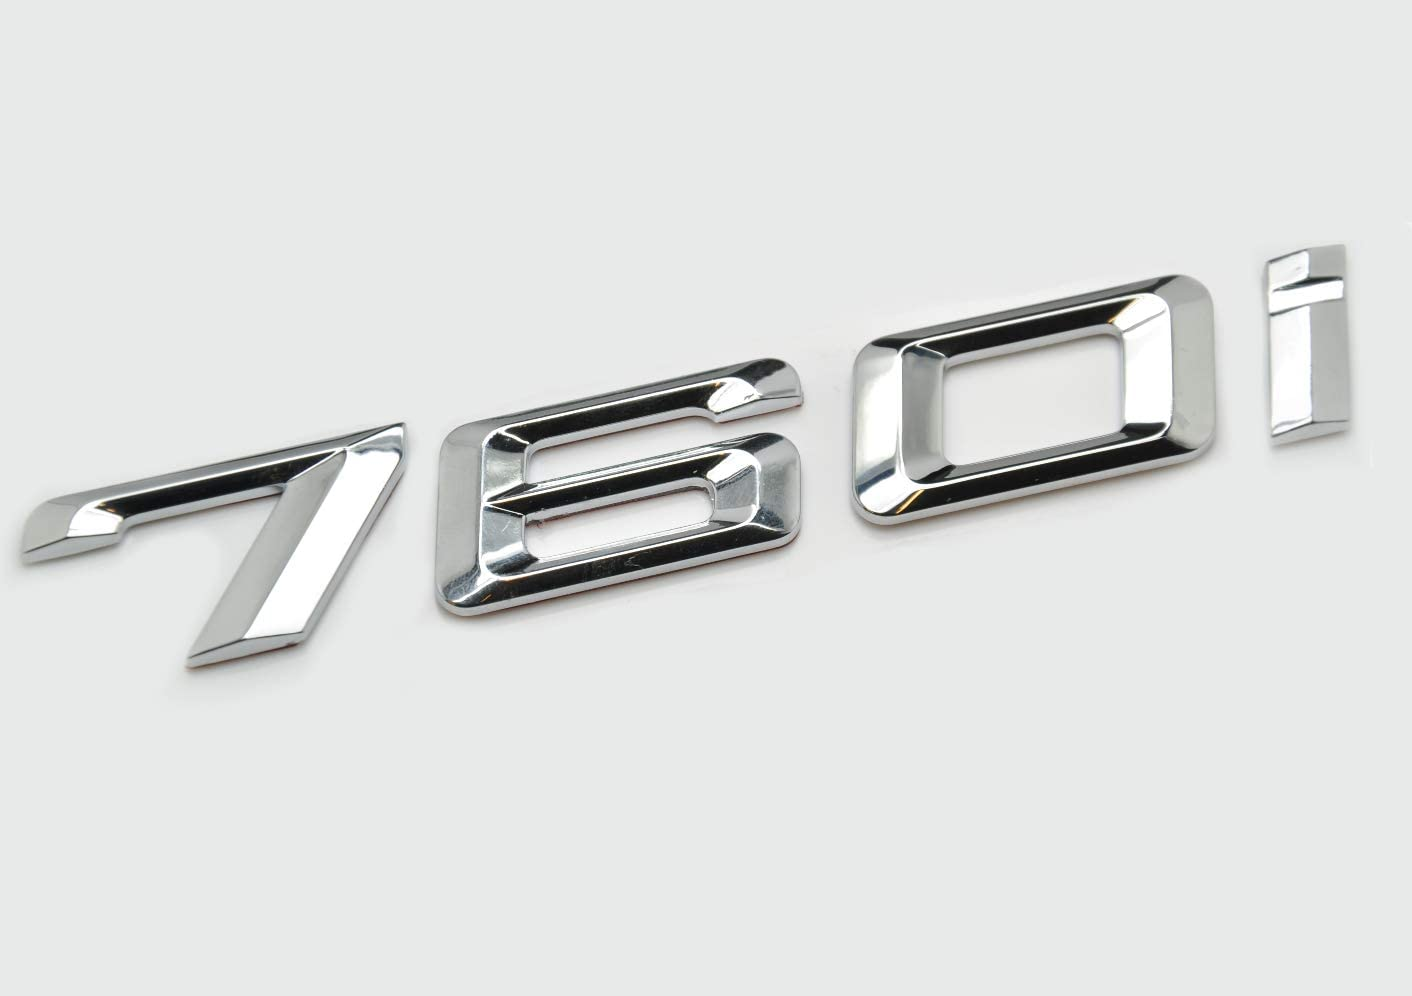 Chrome argent/é 740i Insigne de voiture mod/èle embl/ème chiffres lettres pour 7 Series E38 E65 E66E67 E68 F01 F02 F03 F04 G11 G12